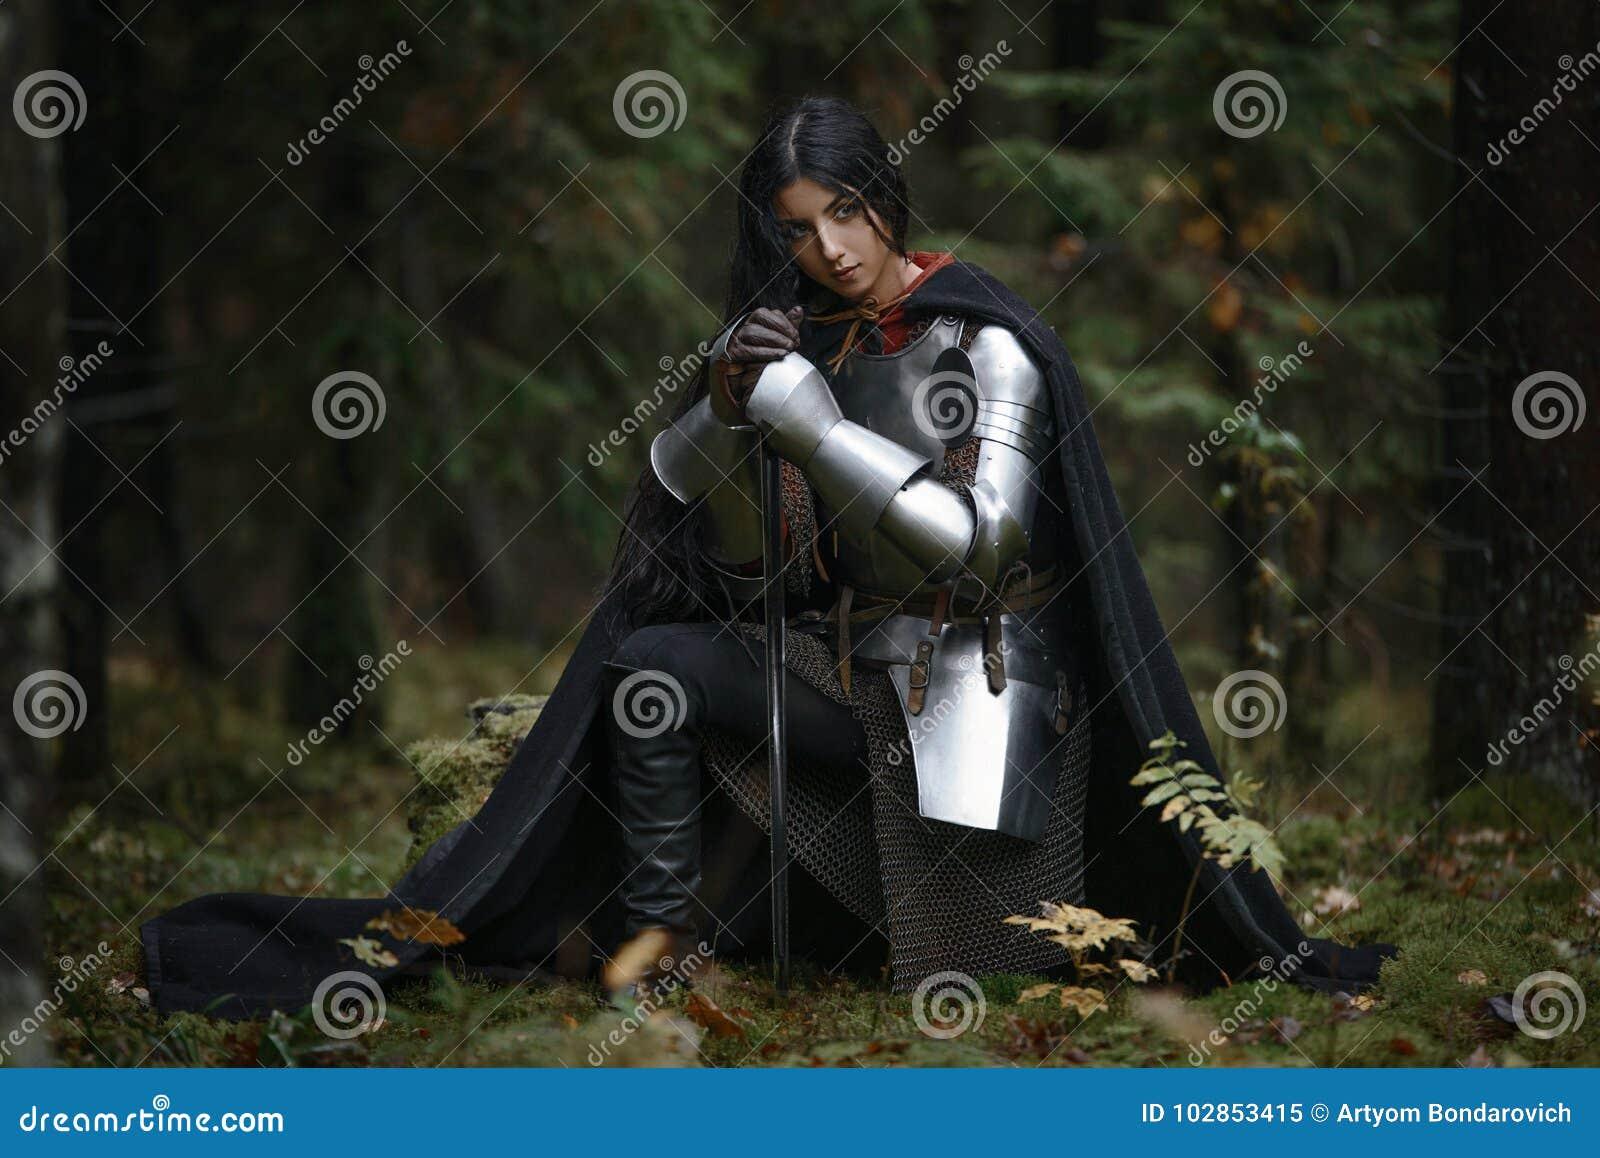 Una muchacha hermosa del guerrero con un chainmail que lleva de la espada y armadura en un bosque misterioso